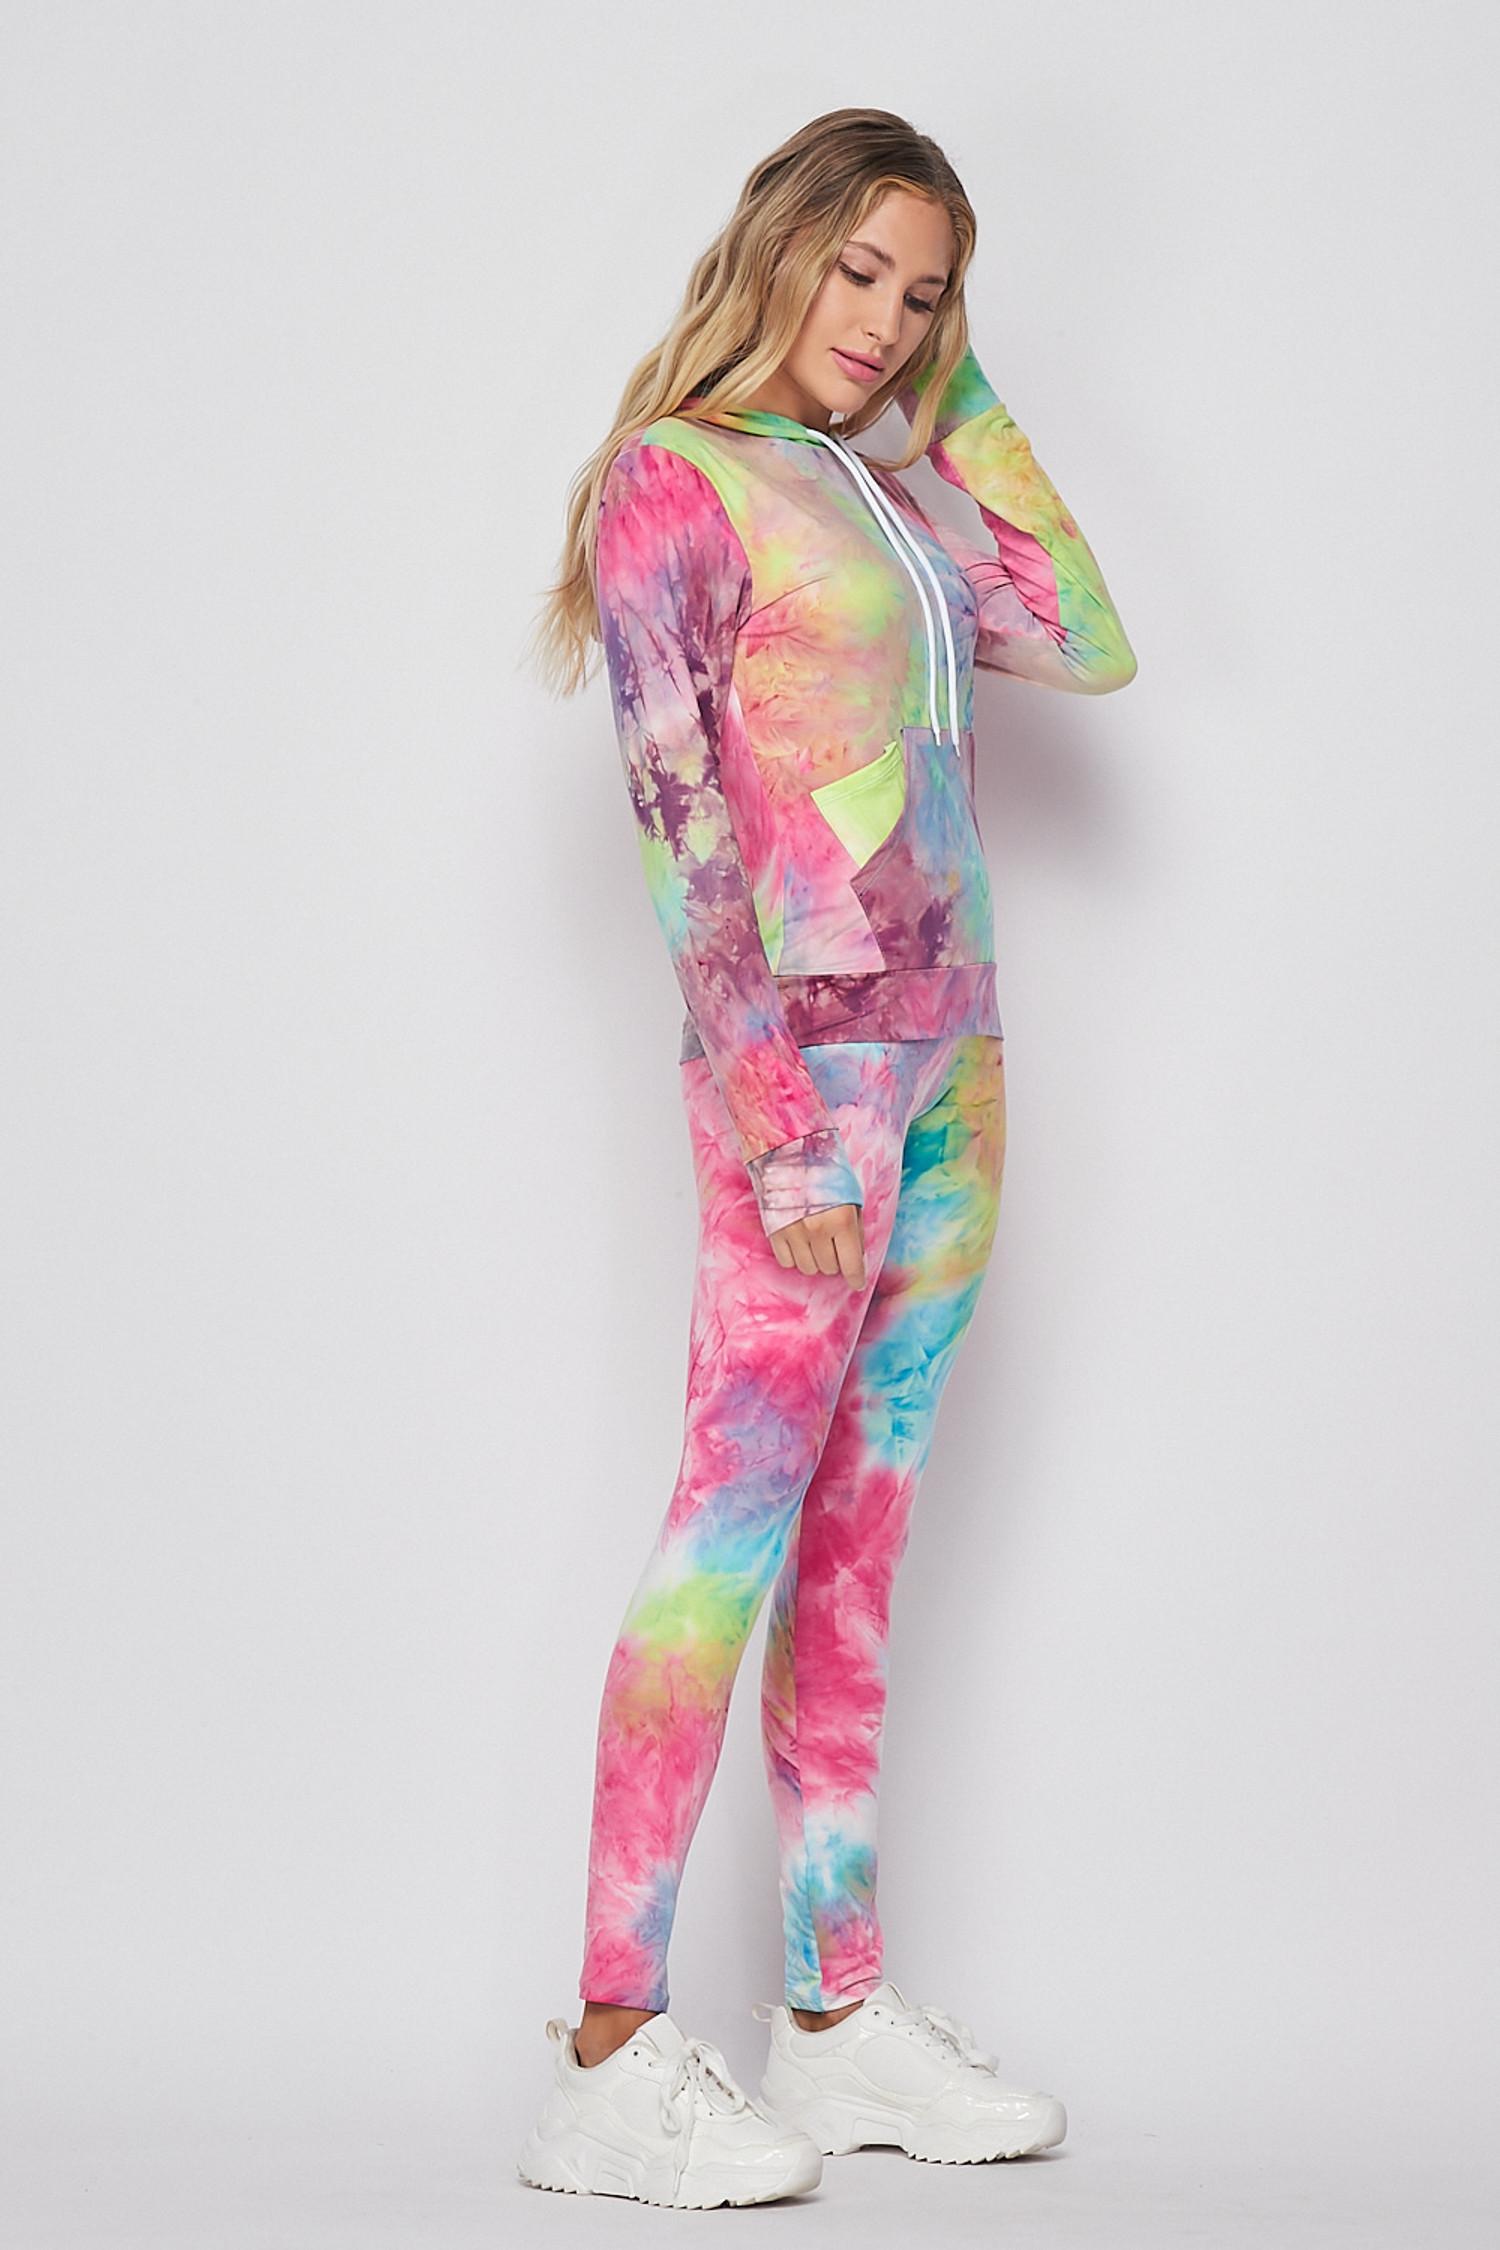 Blue/Pink Tie Dye 2 Piece Leggings and Hooded Jacket Set